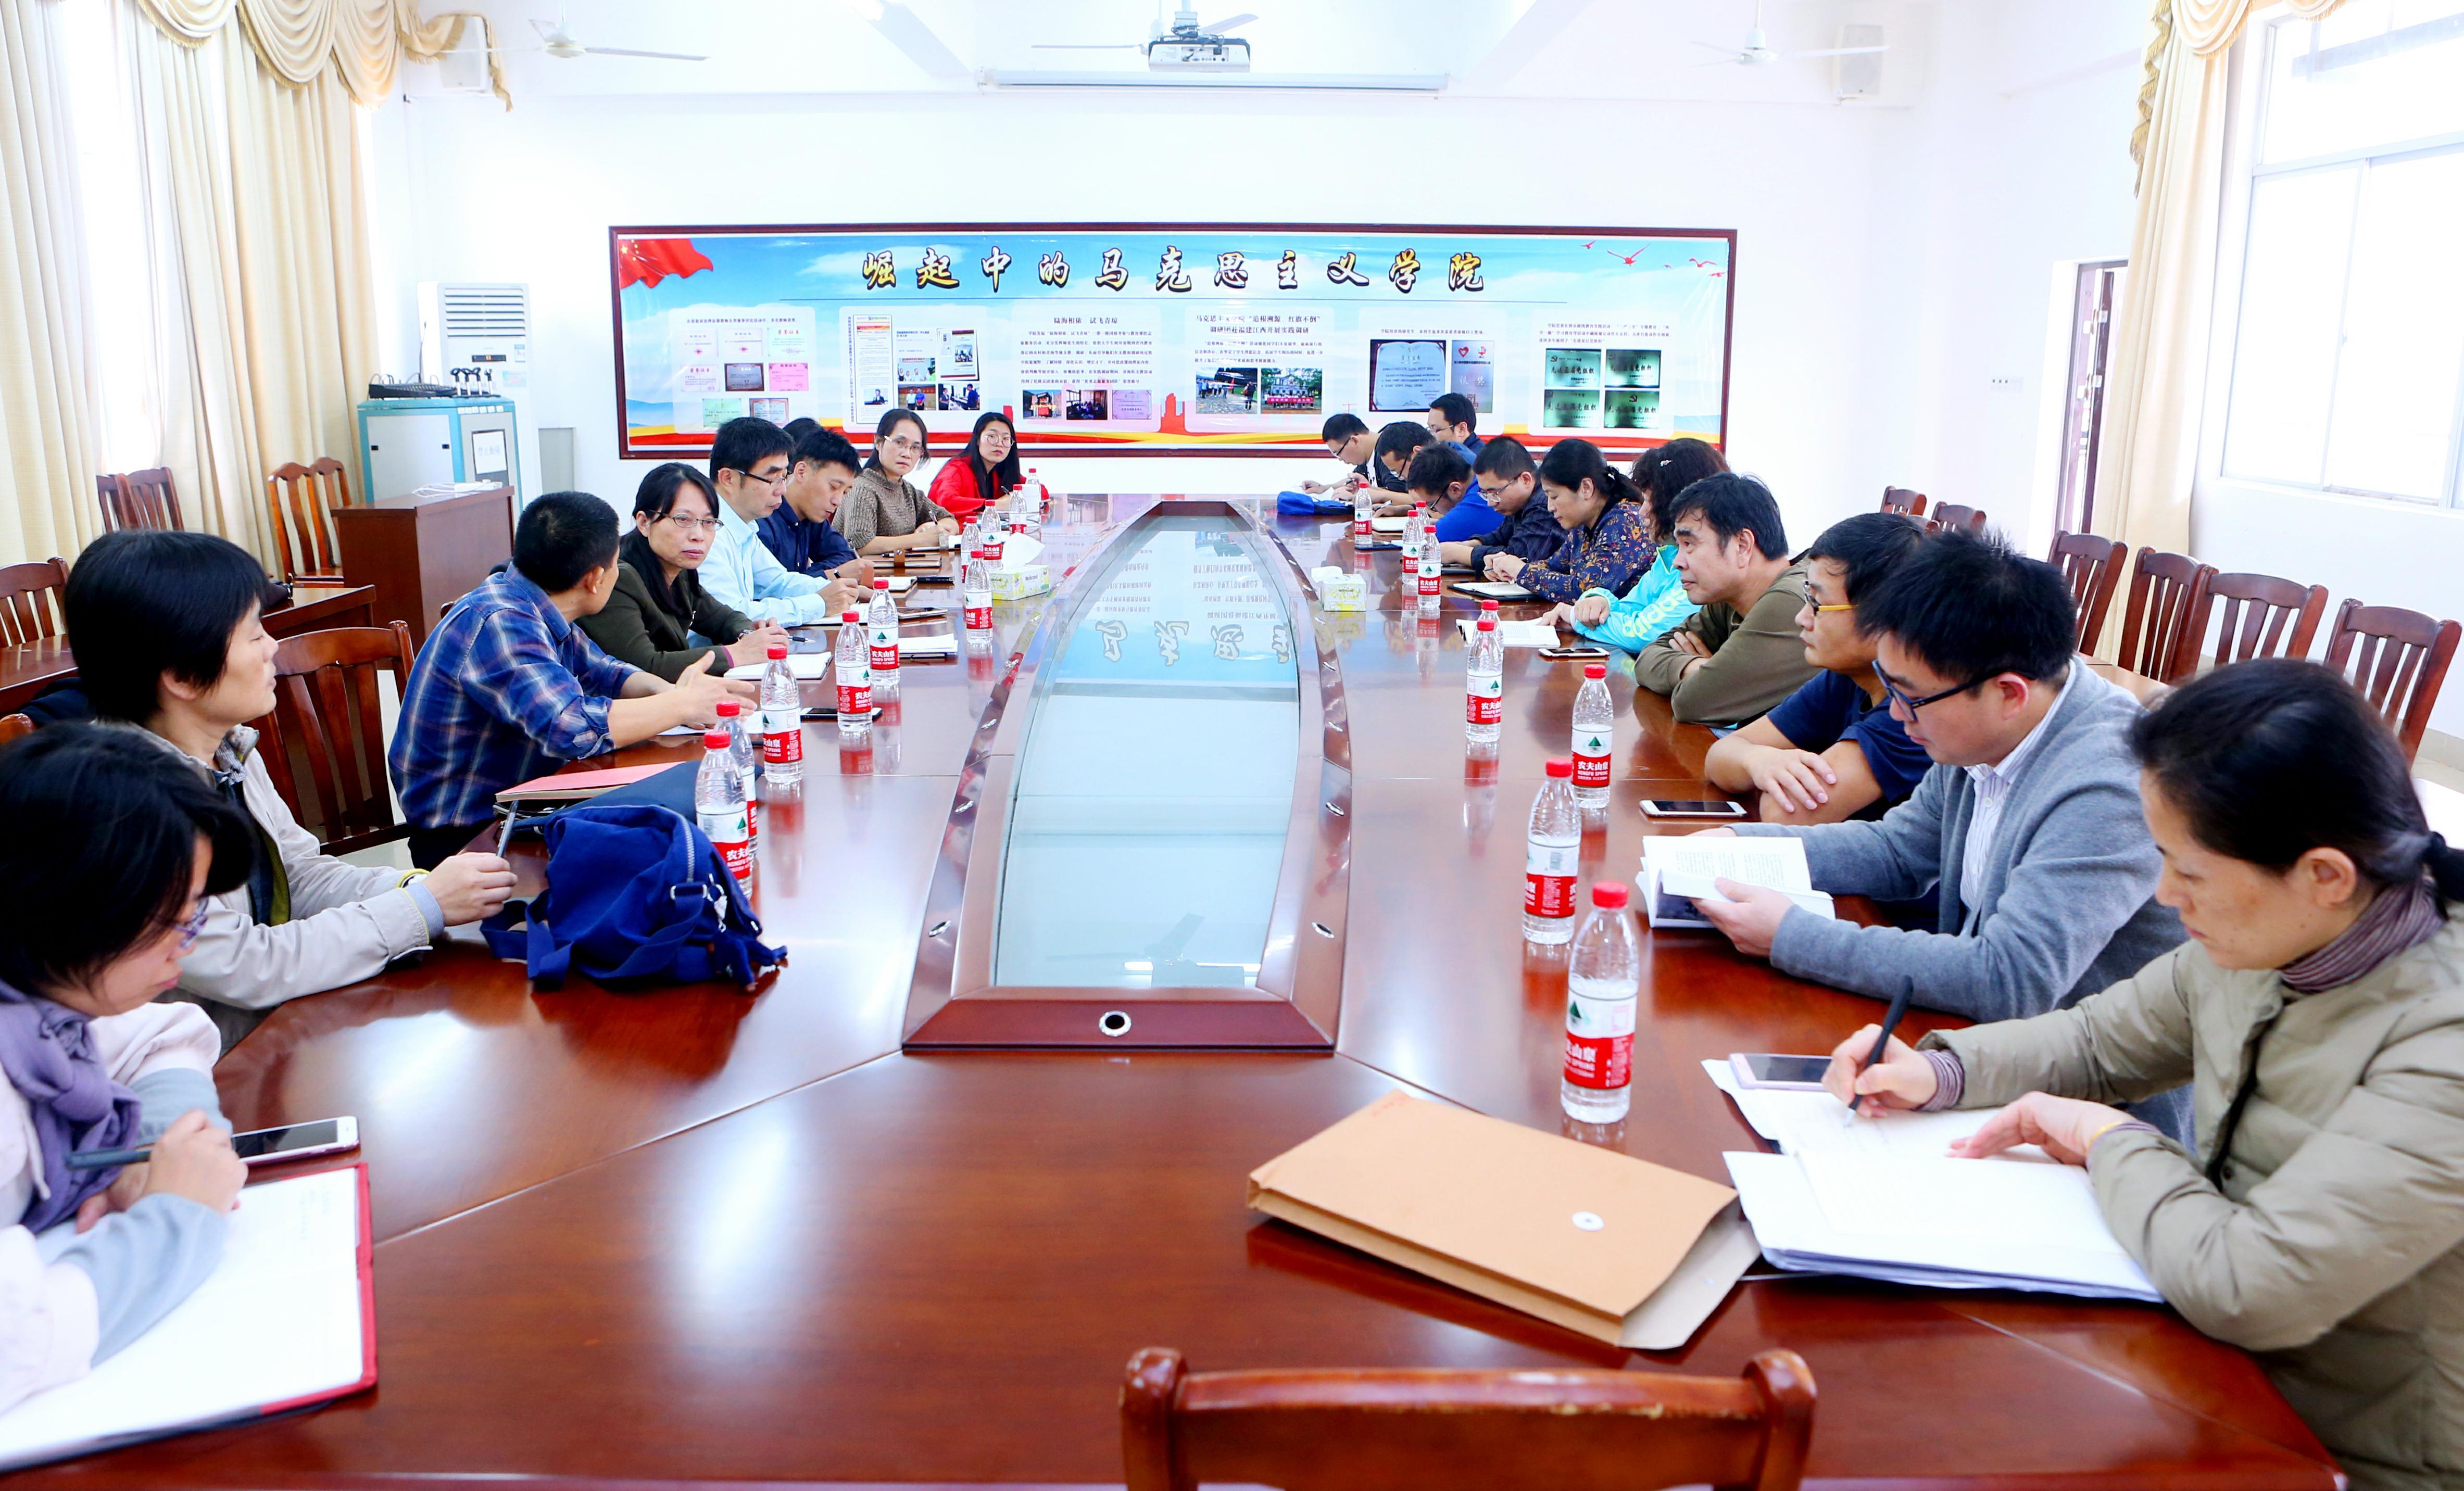 刁晓平副书记到马克思主义学院召开现场办公会